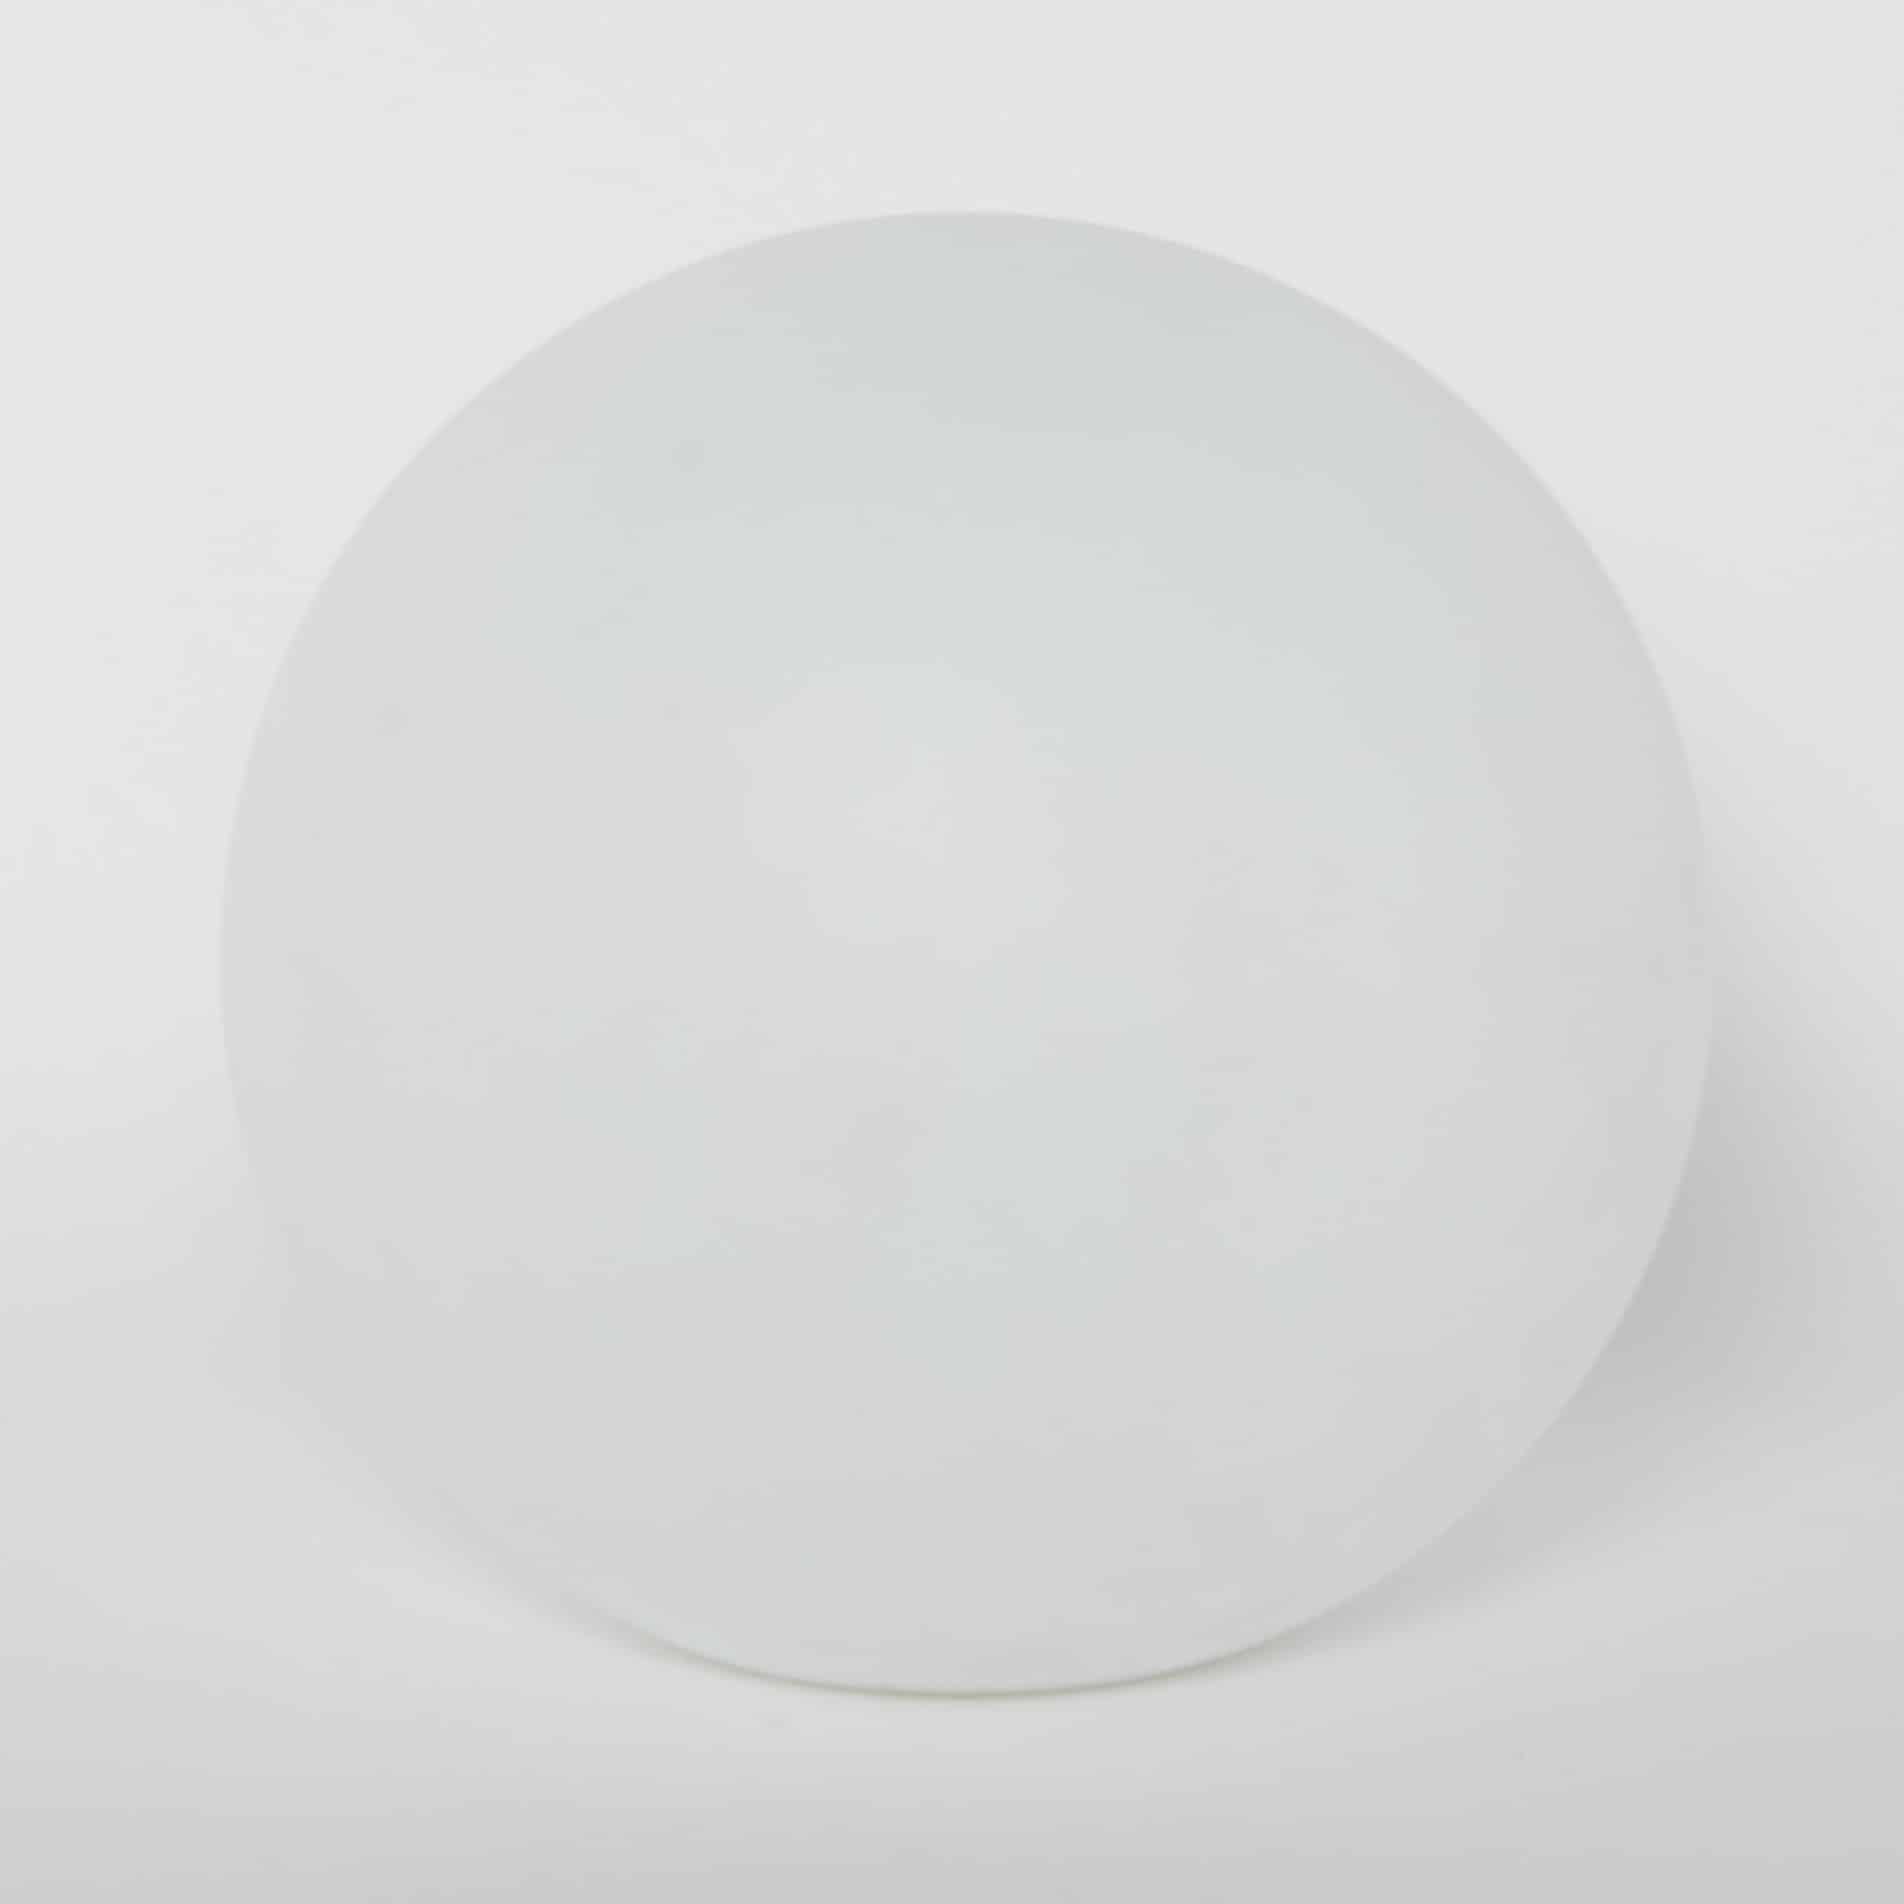 Bollamp 50cm RGBW Oplaadbaar